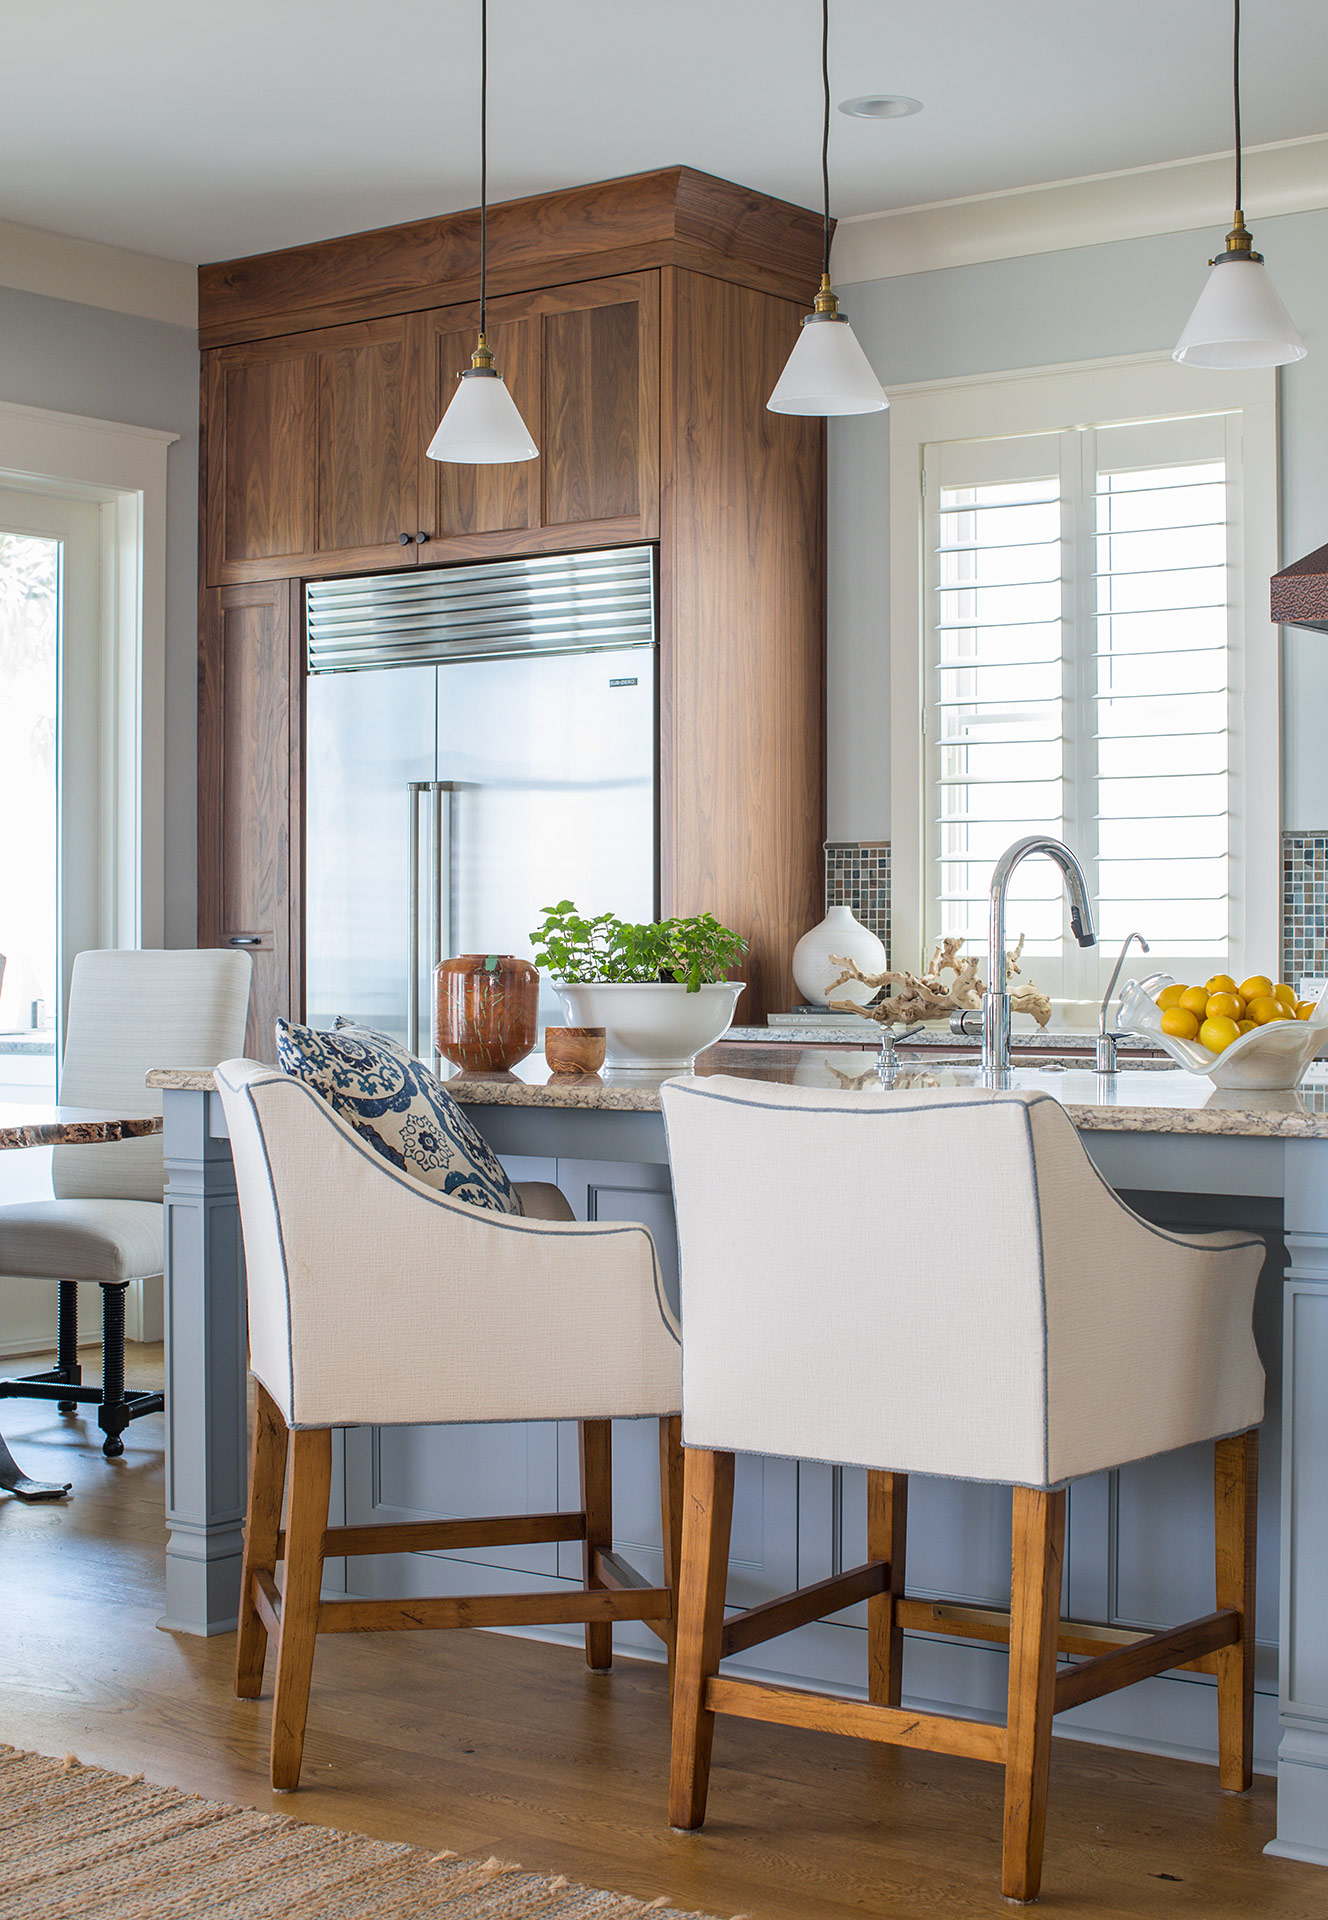 Crescent beach oceanfront design studio m interior design - How to be an interior designer ...